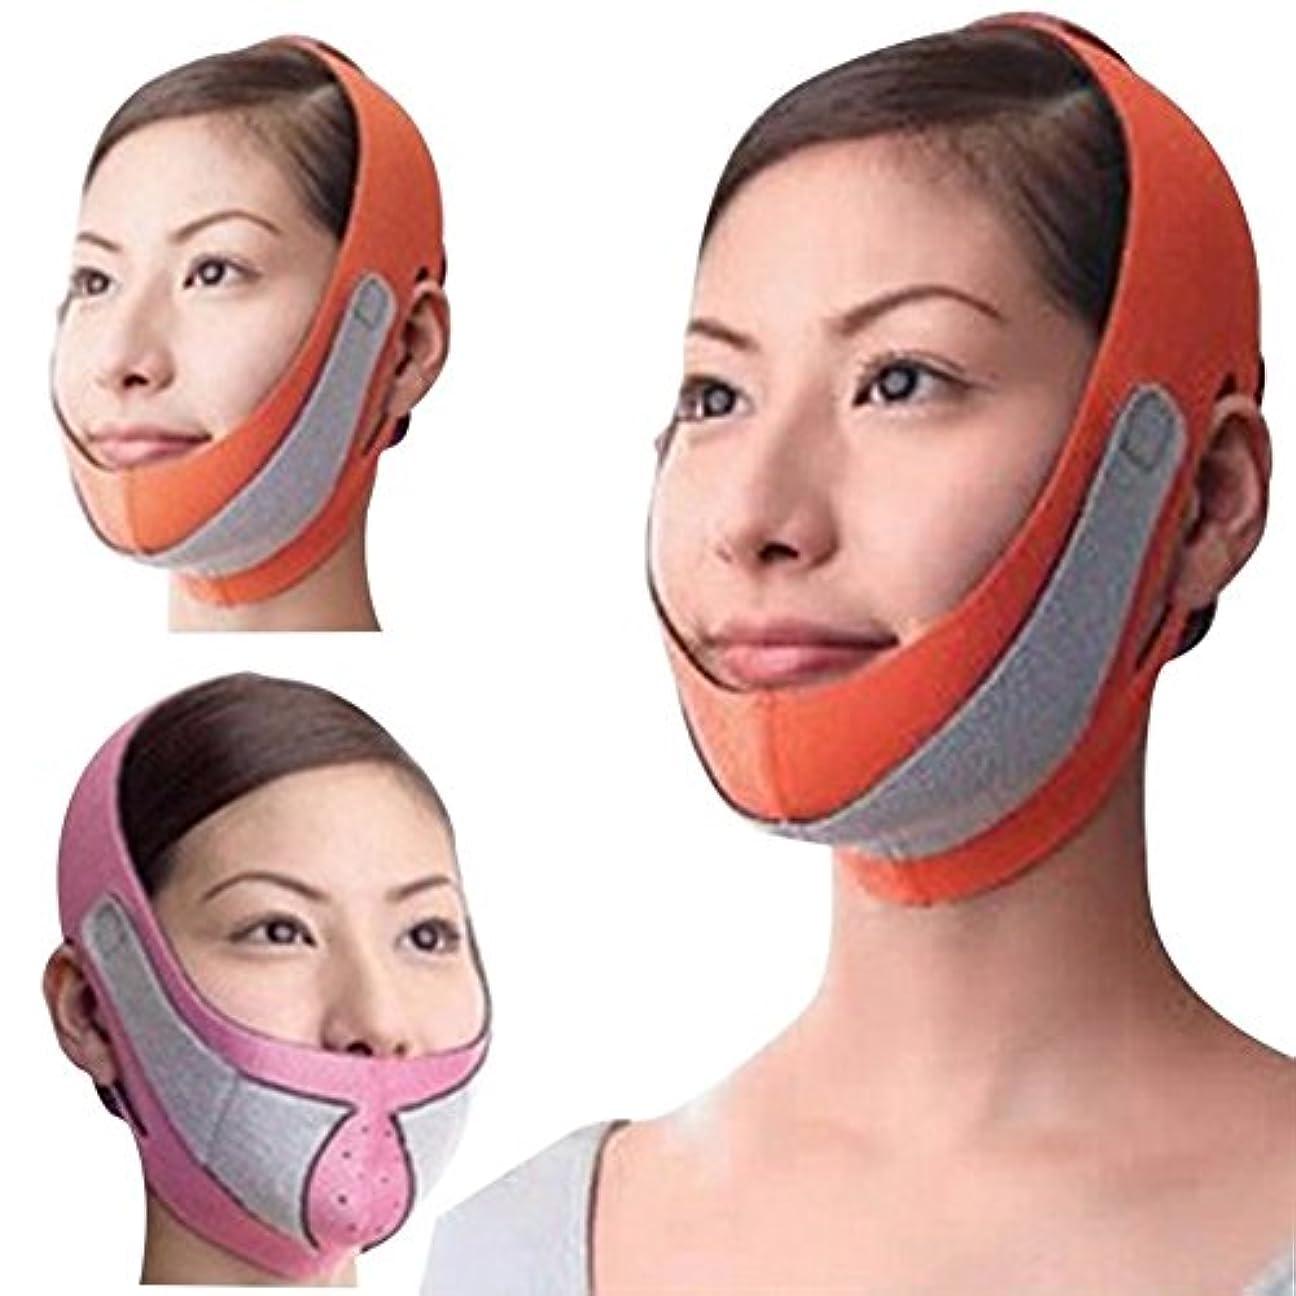 しなやか農奴参加するRemeehi 引き上げマスク 頬のたるみ 額 顎下 頬リフトアップ ピンク グレー 弾力V-ラインマスク 引っ張る リフティング フェイス リフトスリムマスク 美容 フェイスマスク オレンジ